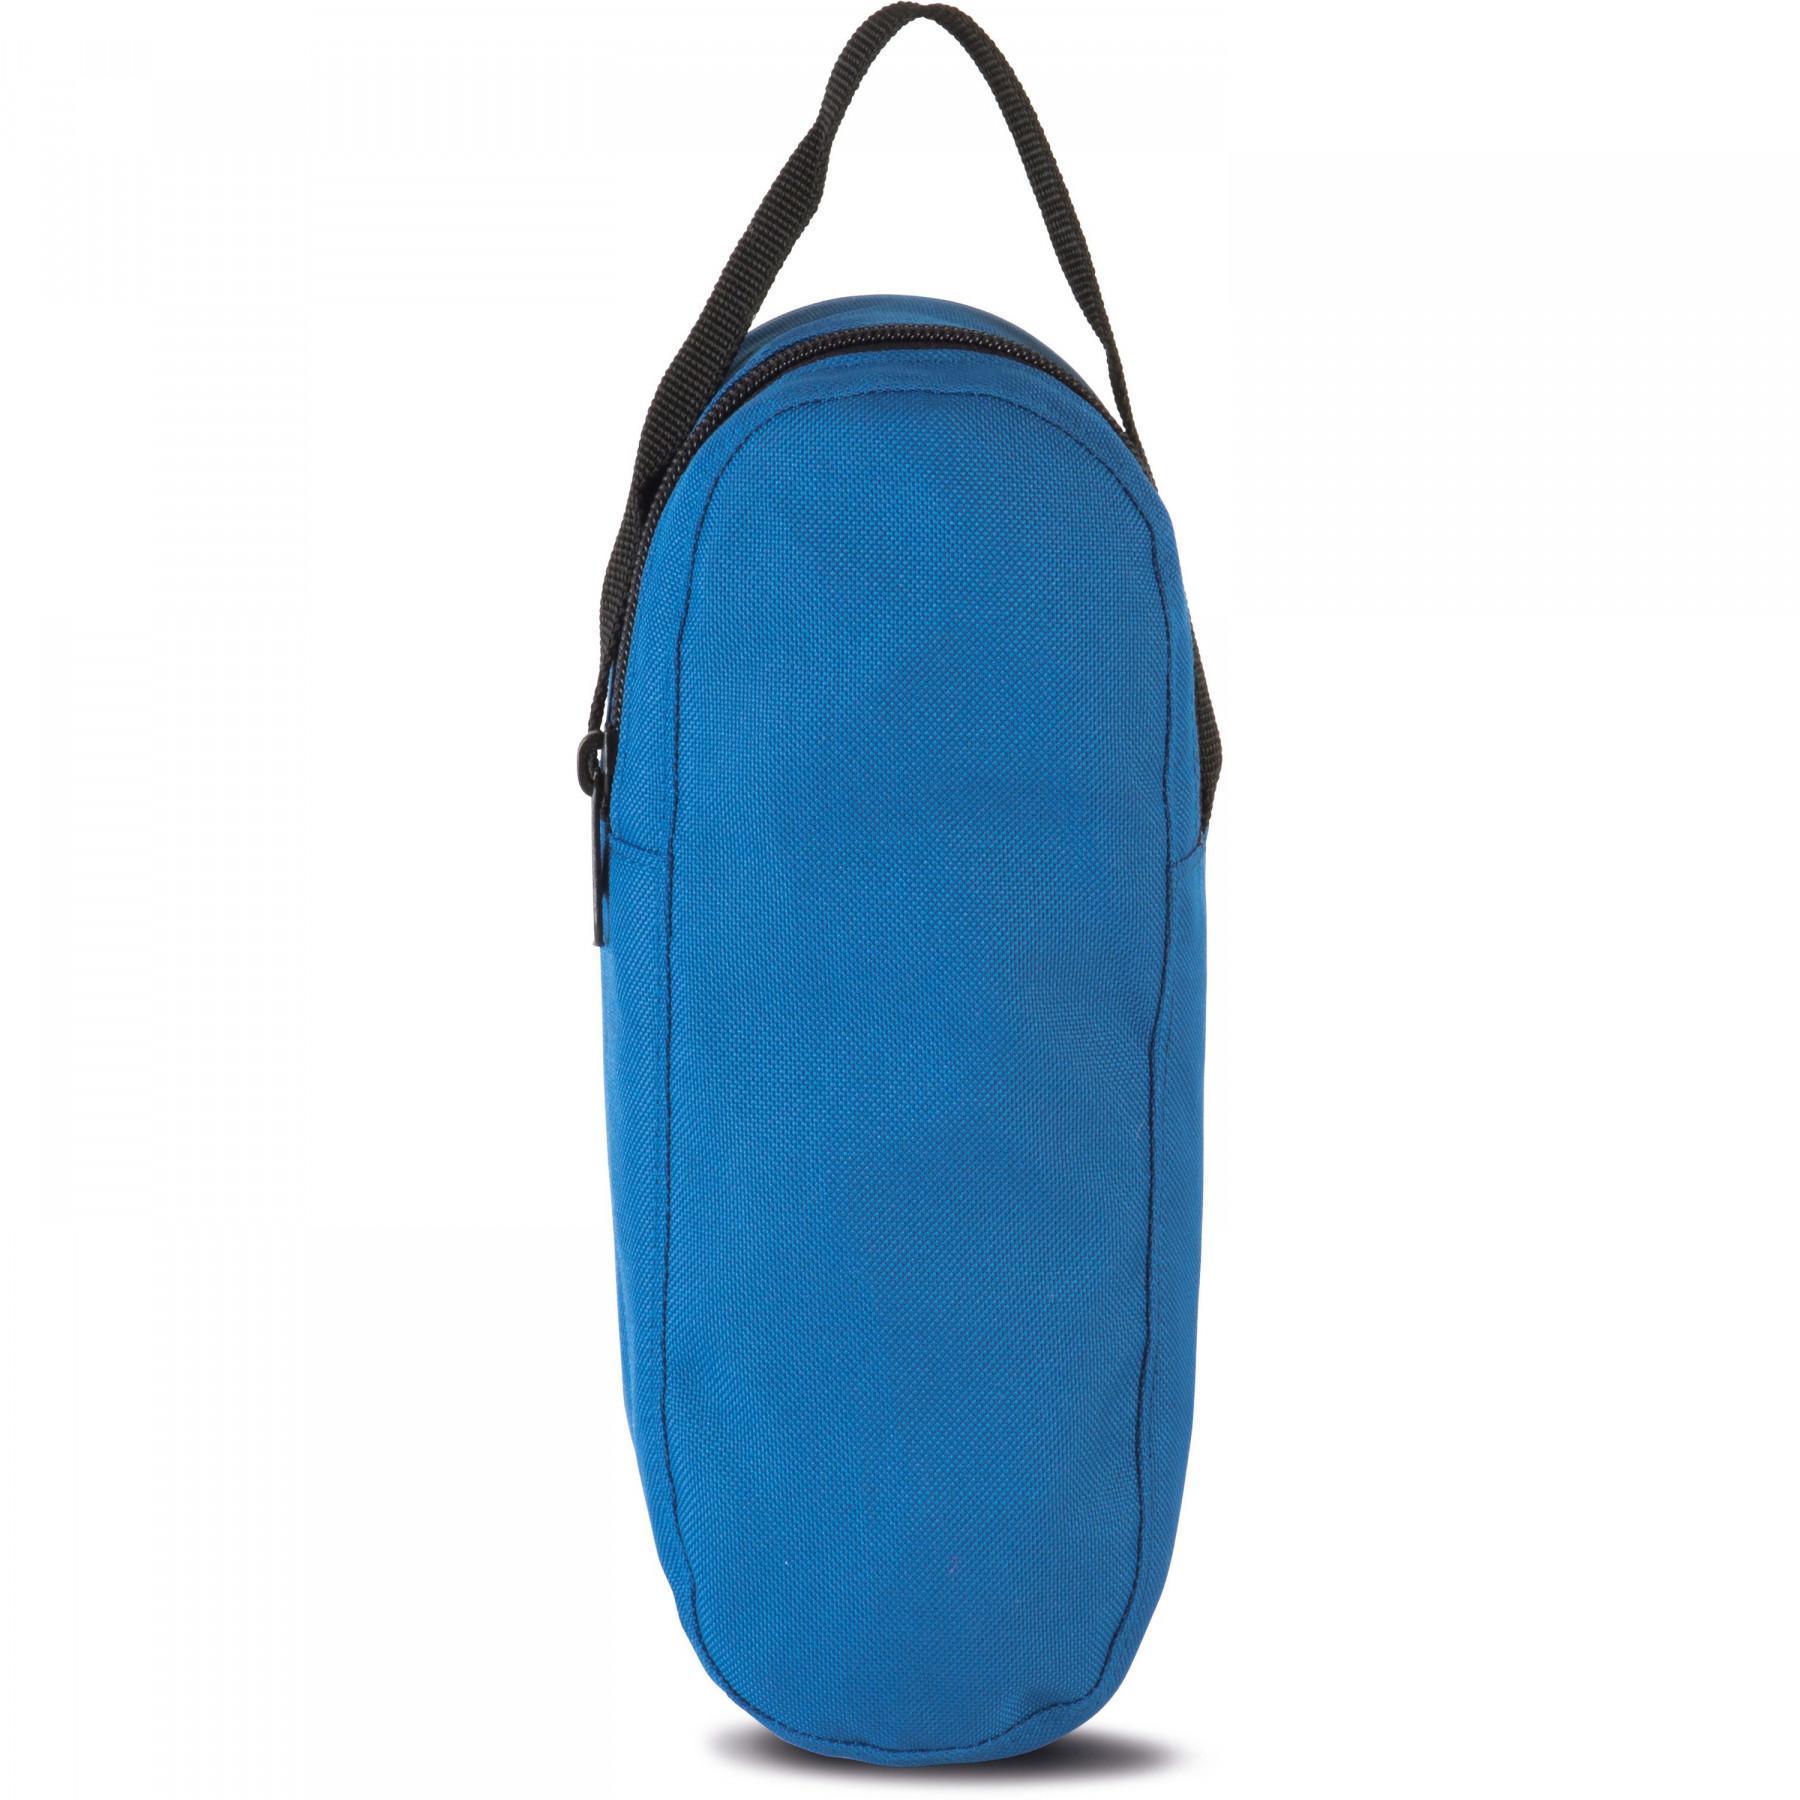 Bag Kimood de Pétanque